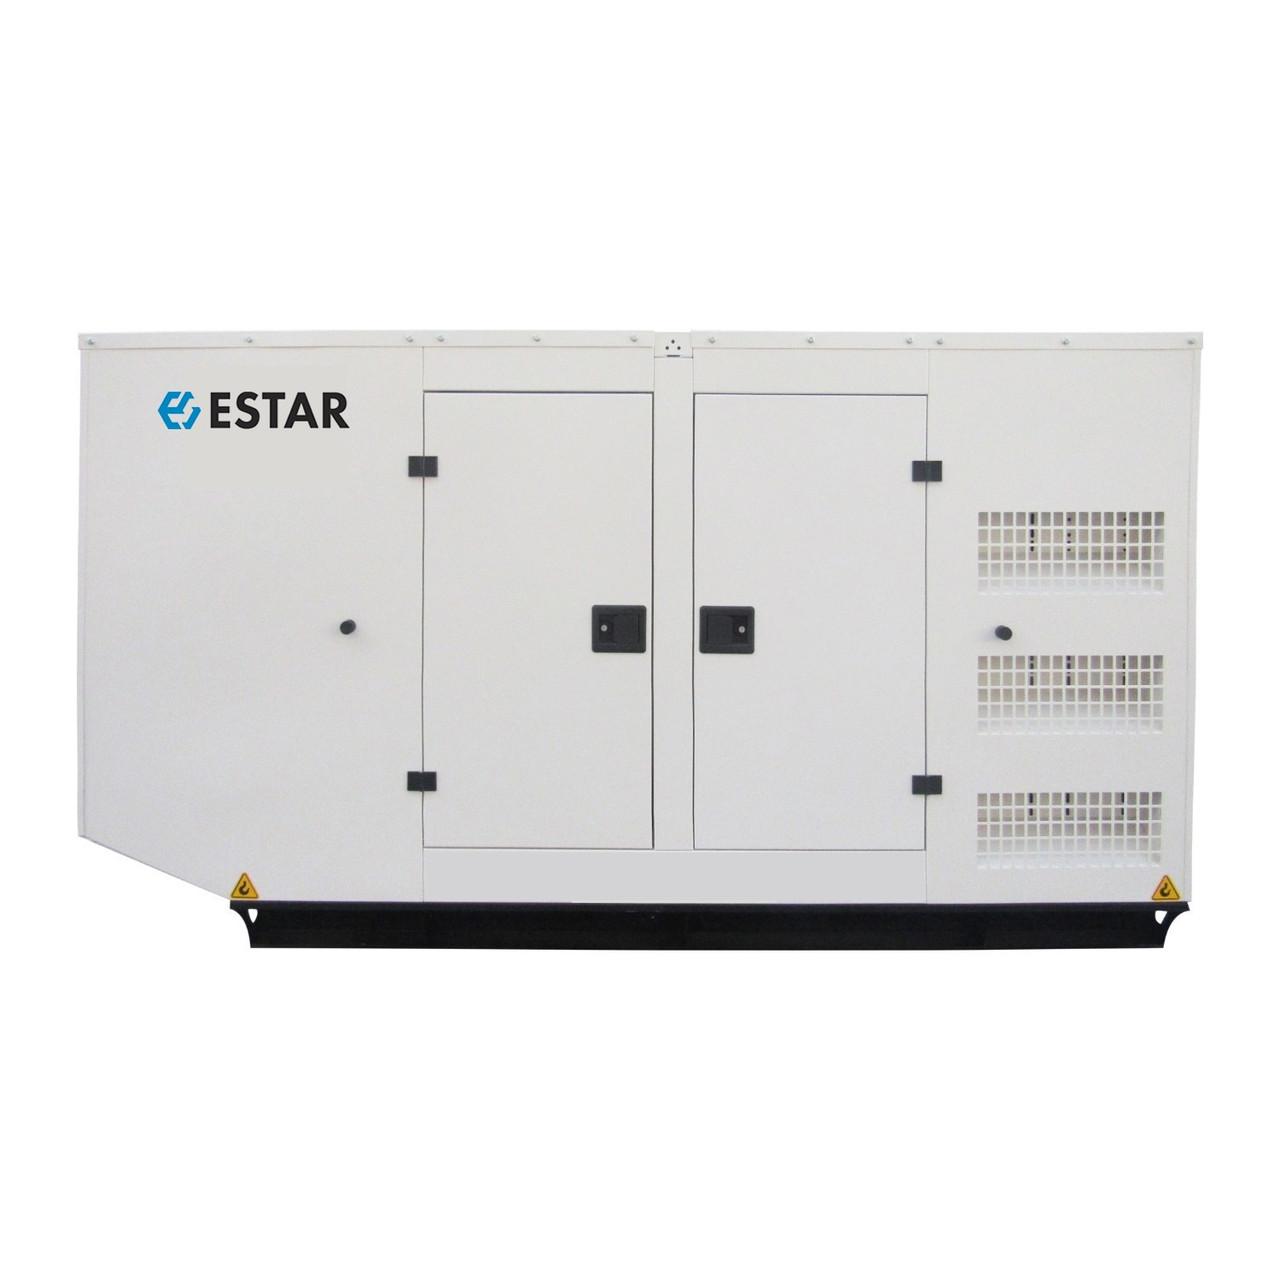 ⚡ESTAR ES110-RSA (88 кВт) + АВР (подогрев и автоматический запуск)